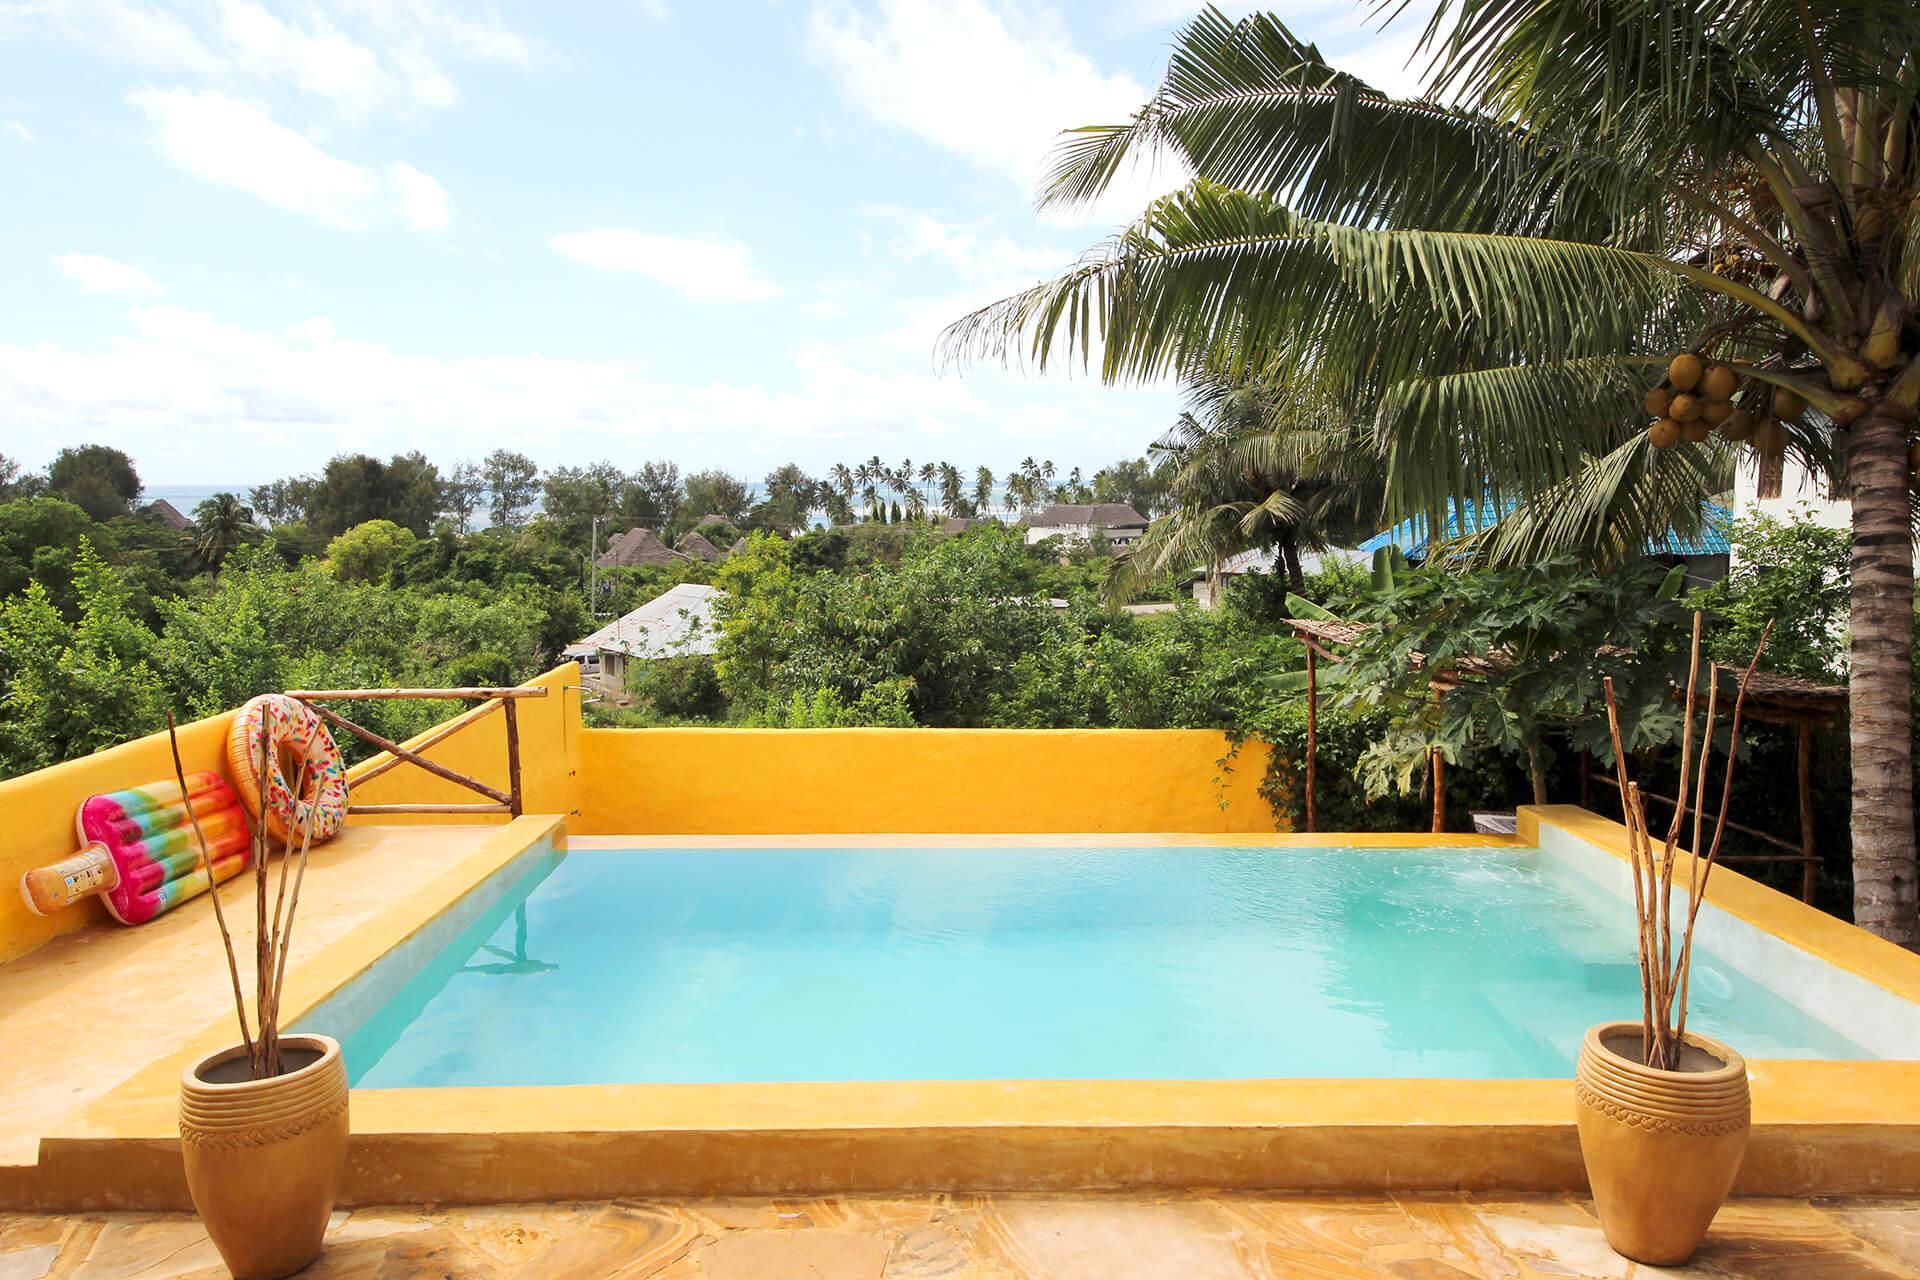 Appartamenti con piscina Maisha Marefu a Kiwengwa Zanzibar